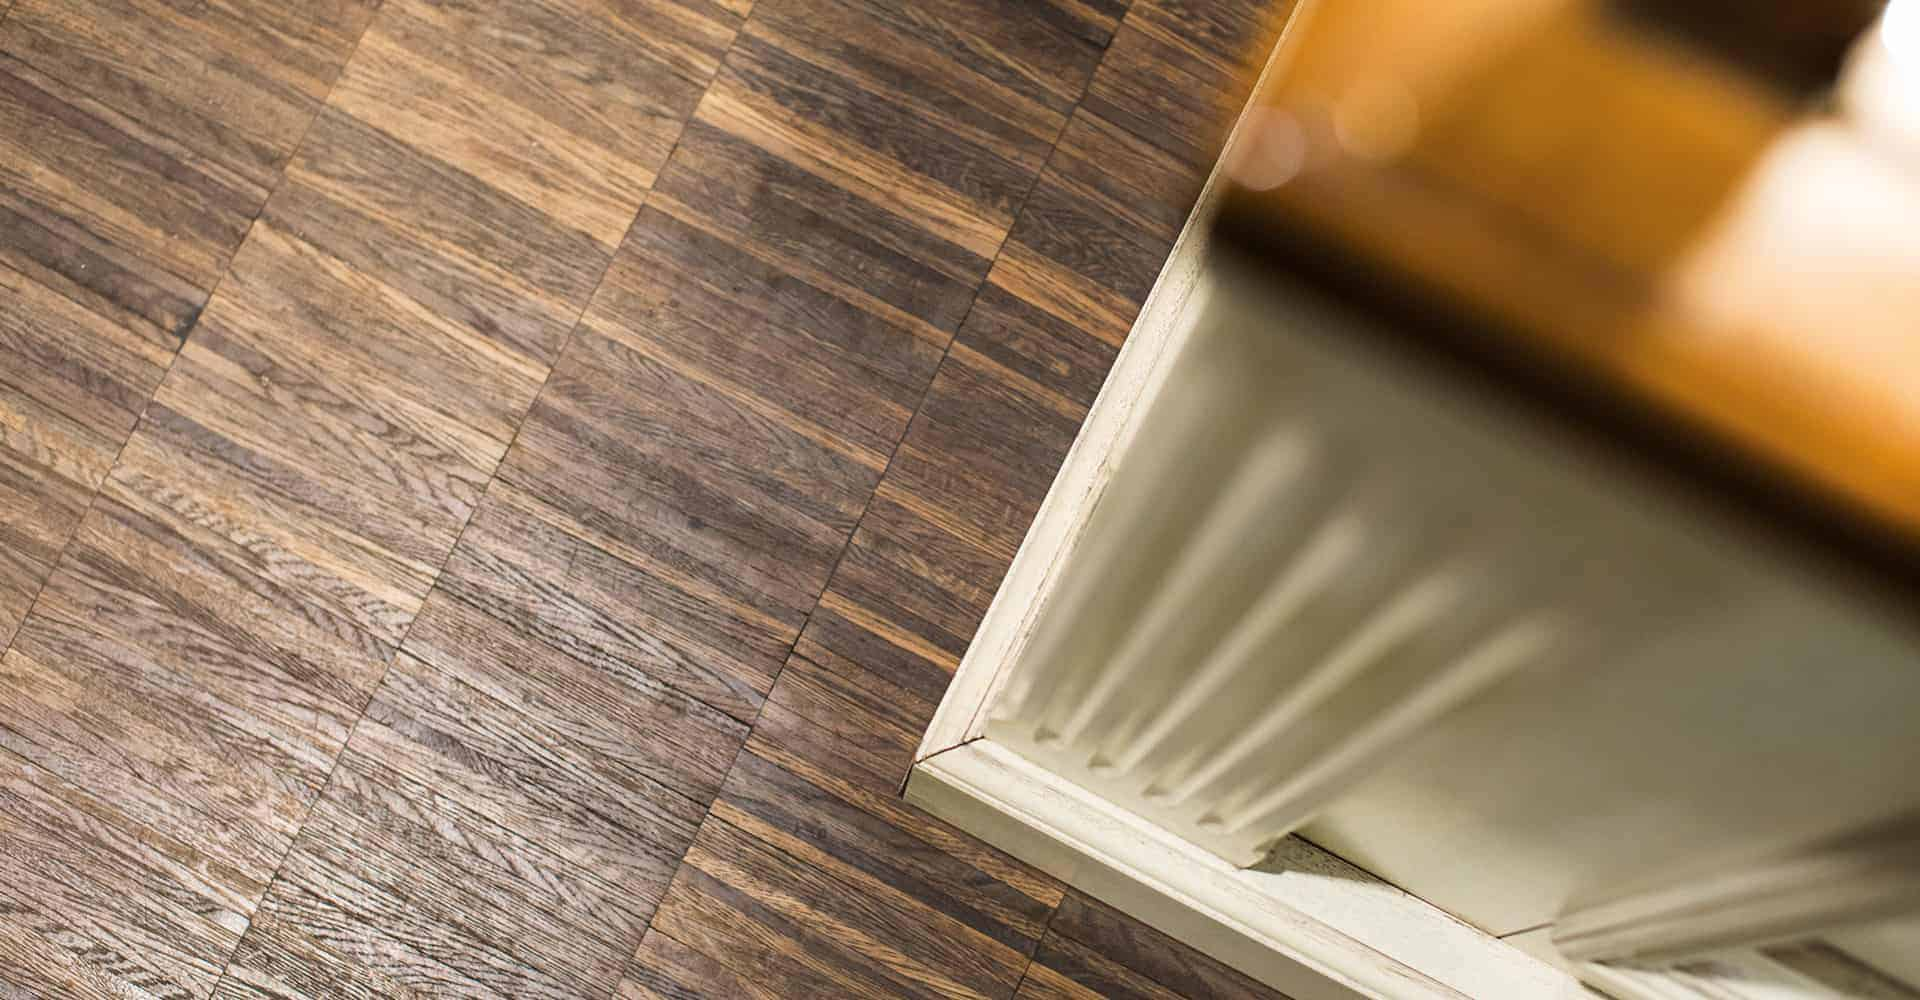 KEXEREI DIE KEKSMANUFAKTUR DRESDEN | INNENAUSBAU LADENGESCHÄFT | Die Tischlerei Kaden beauftragte uns passend zum bestehenden Corporate Design der KeXerei, das Farb- und Stilkonzept mit unseren Gewerken umzusetzen. Das verarbeitete Industrieparkett auf dem Boden ist besonders robust und gut geeinget für hoch frequentierte Ladengschäfte.